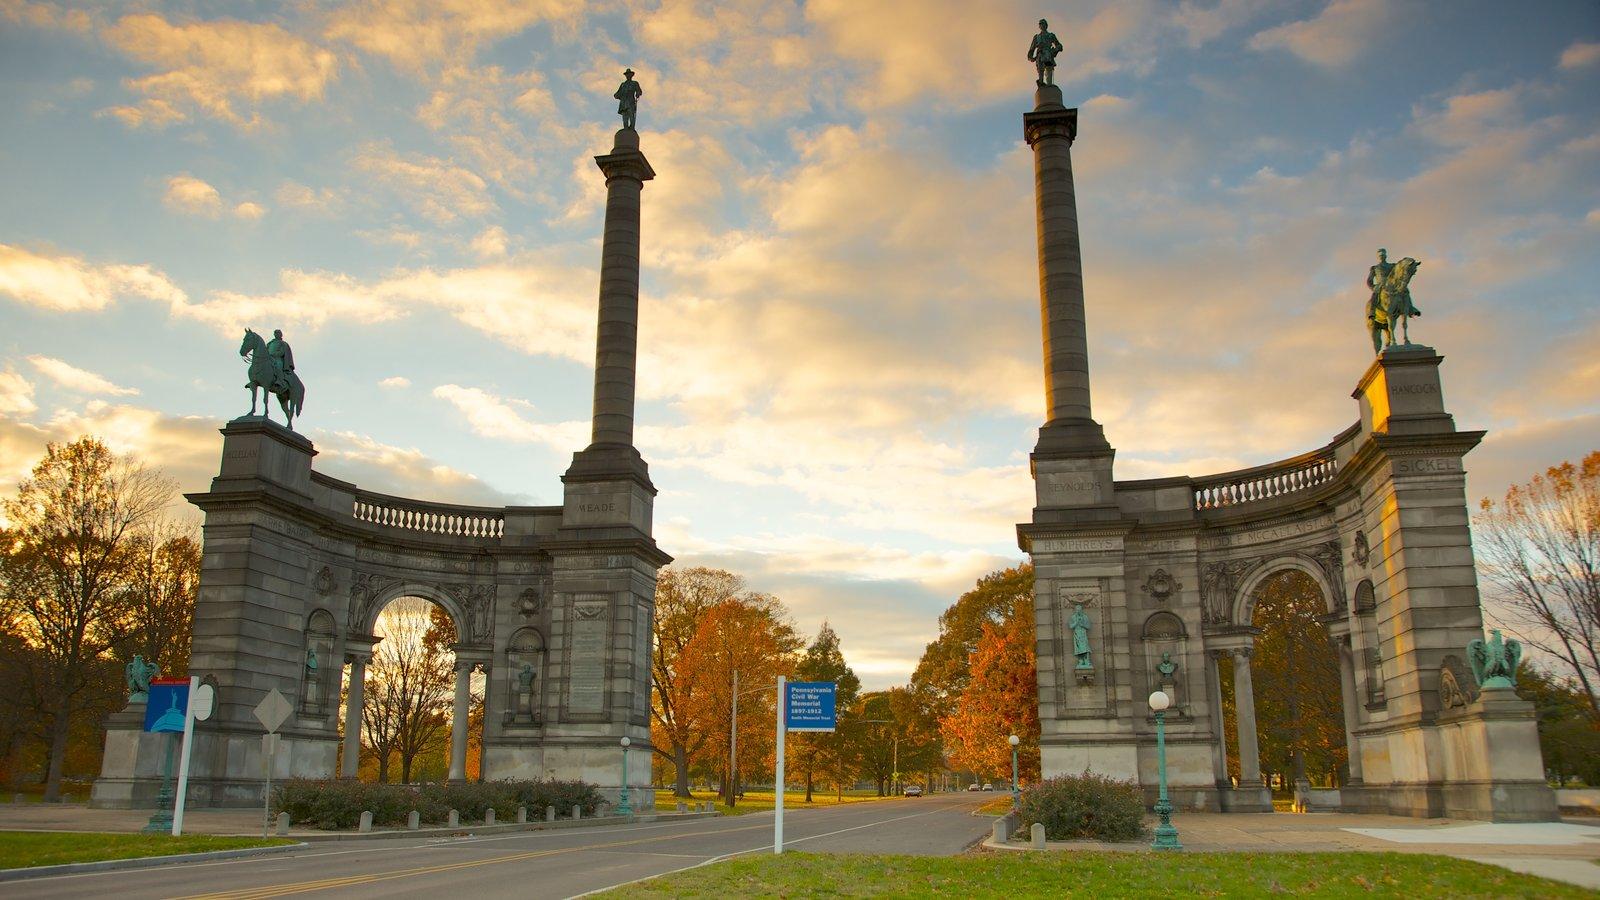 Filadélfia que inclui uma estátua ou escultura, um monumento e um memorial